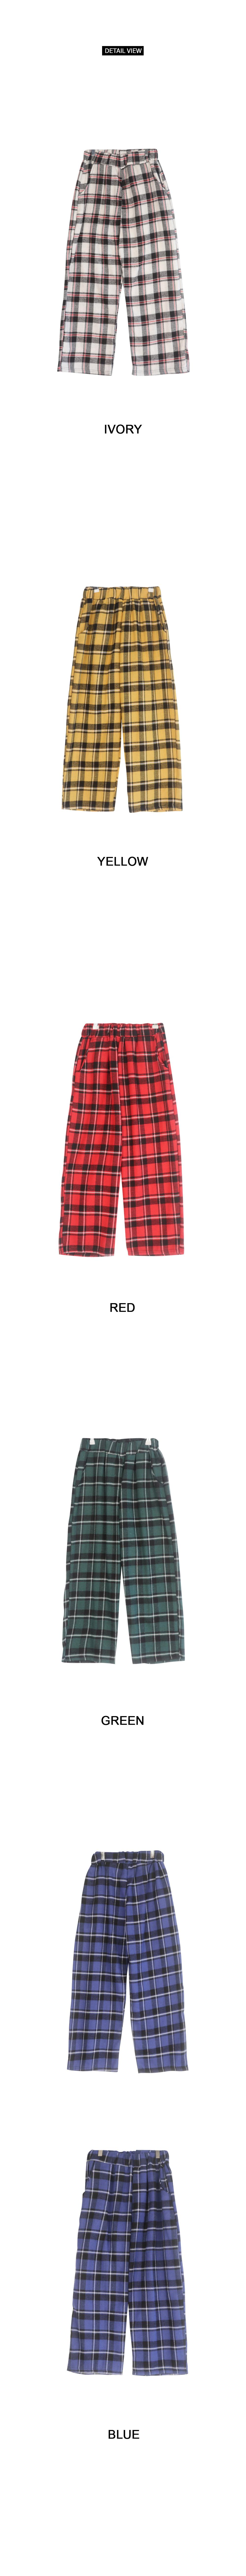 Checks check pants